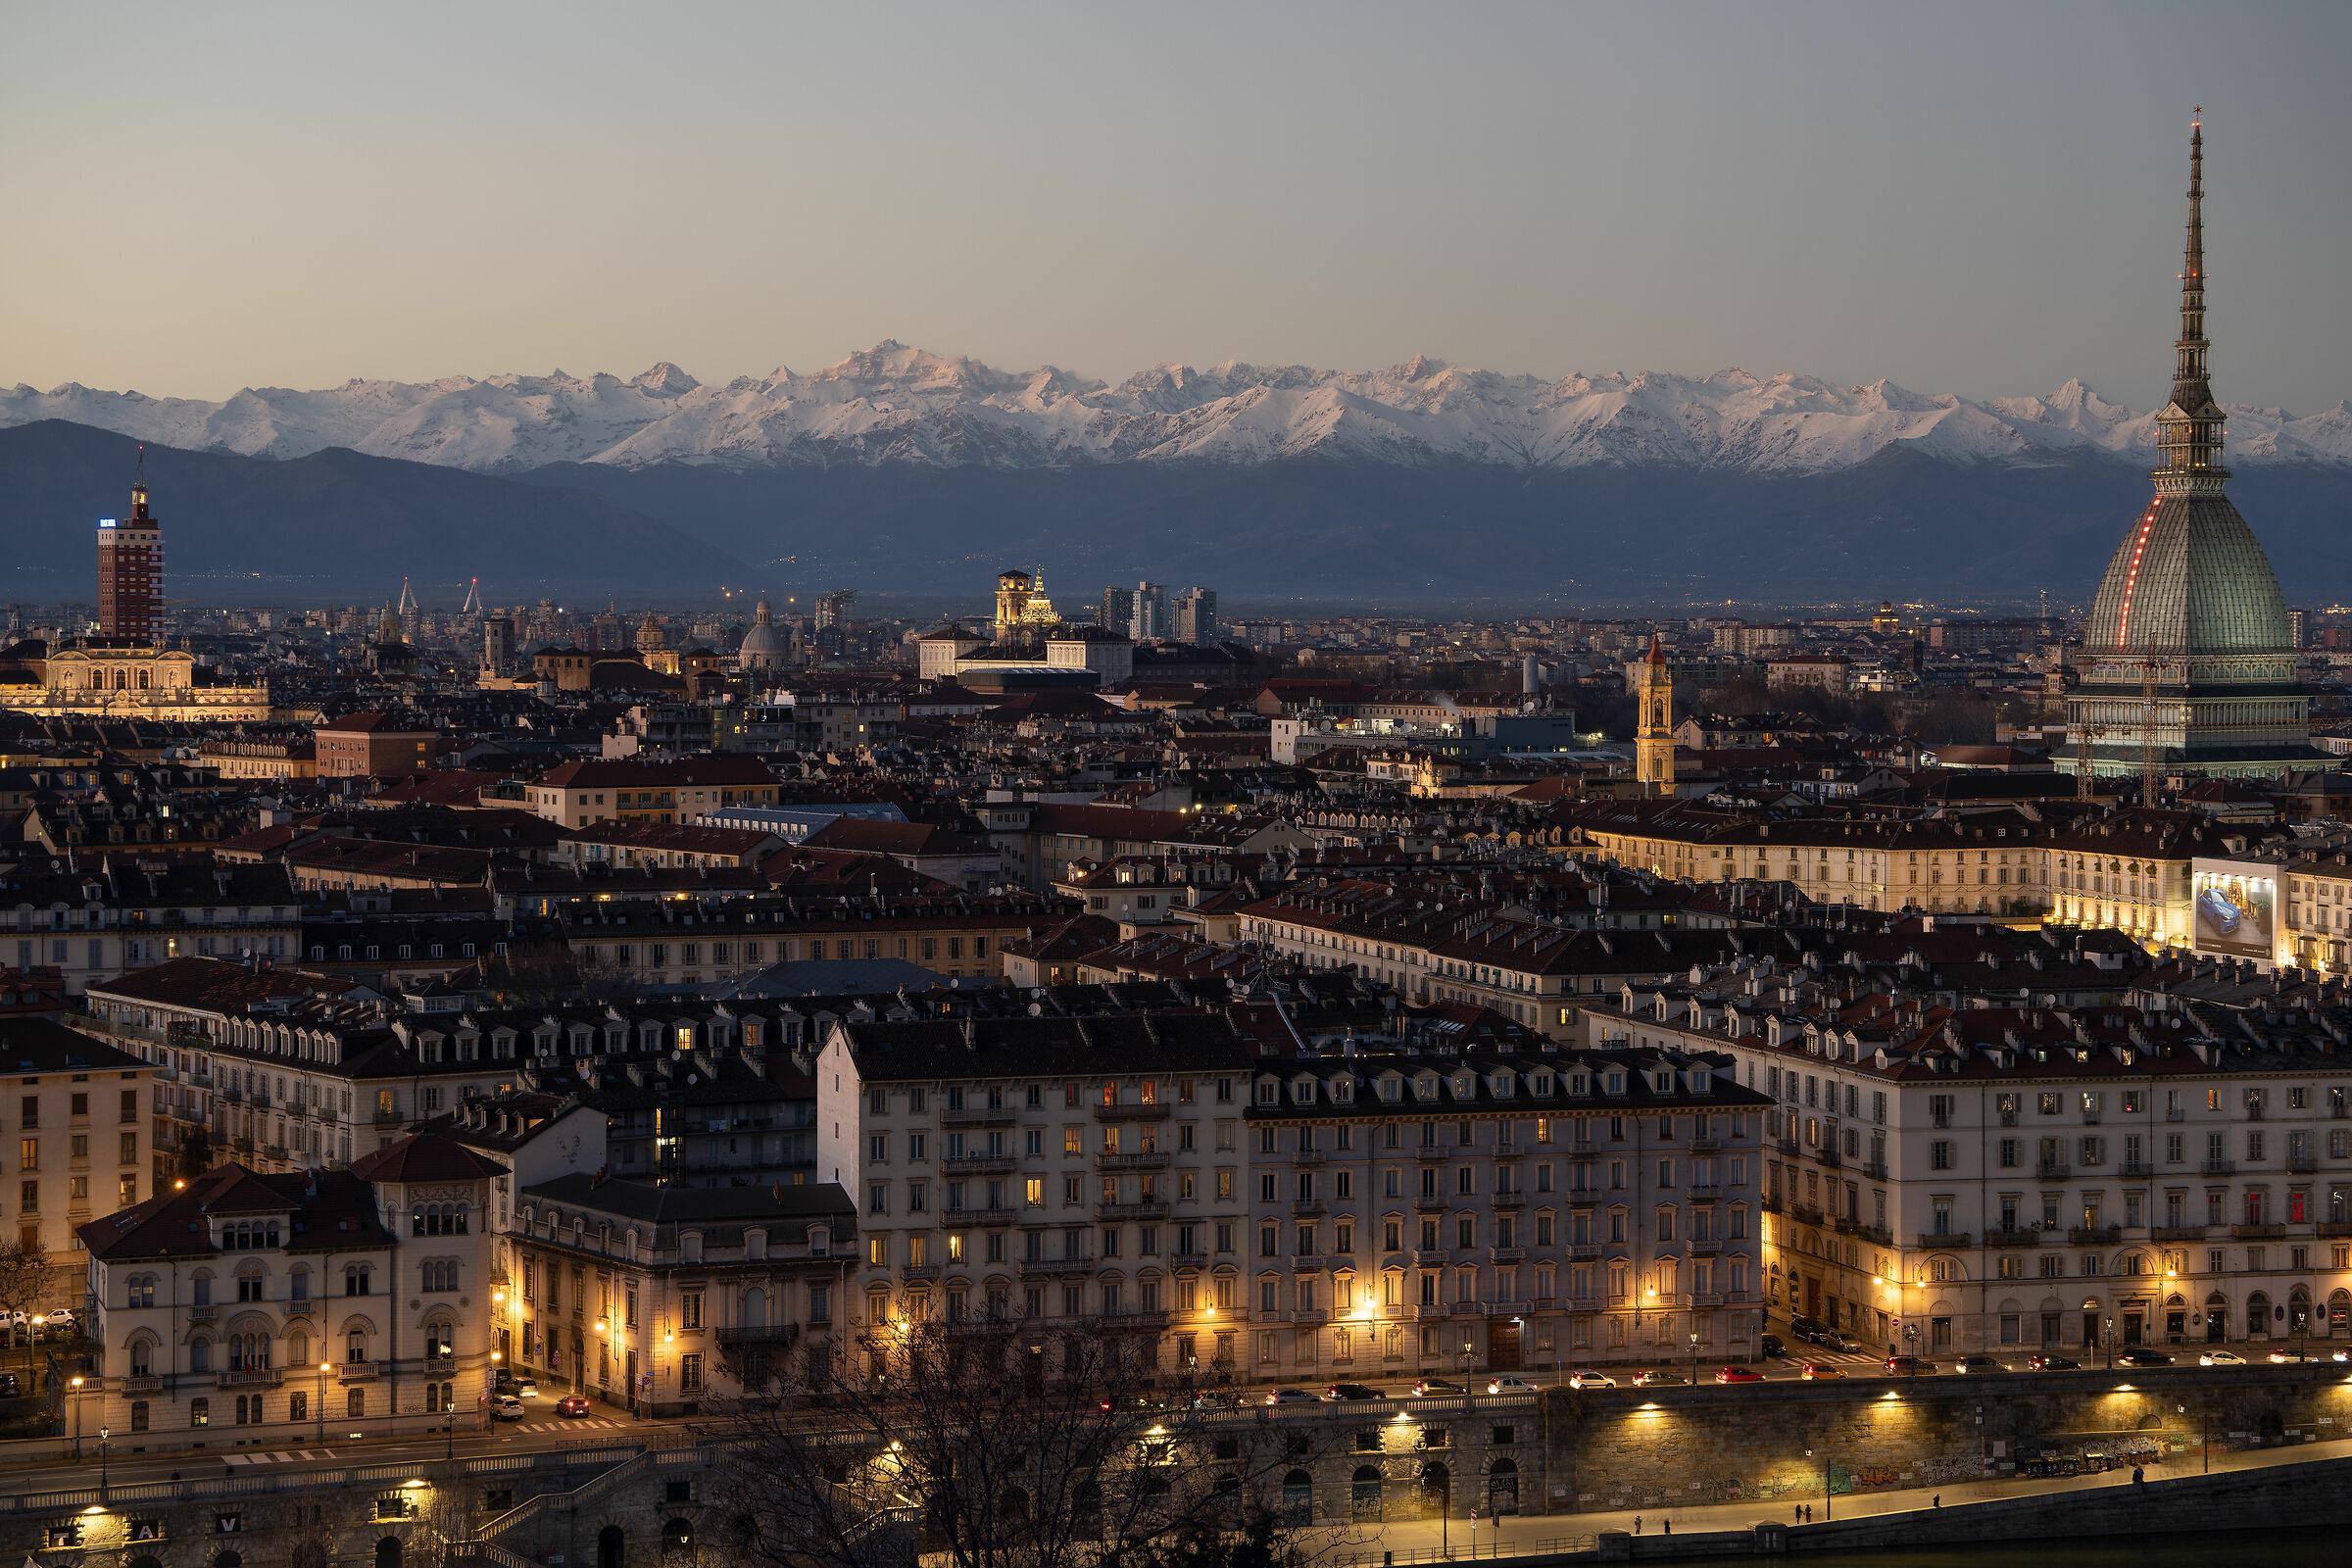 Via lo smog da Torino...